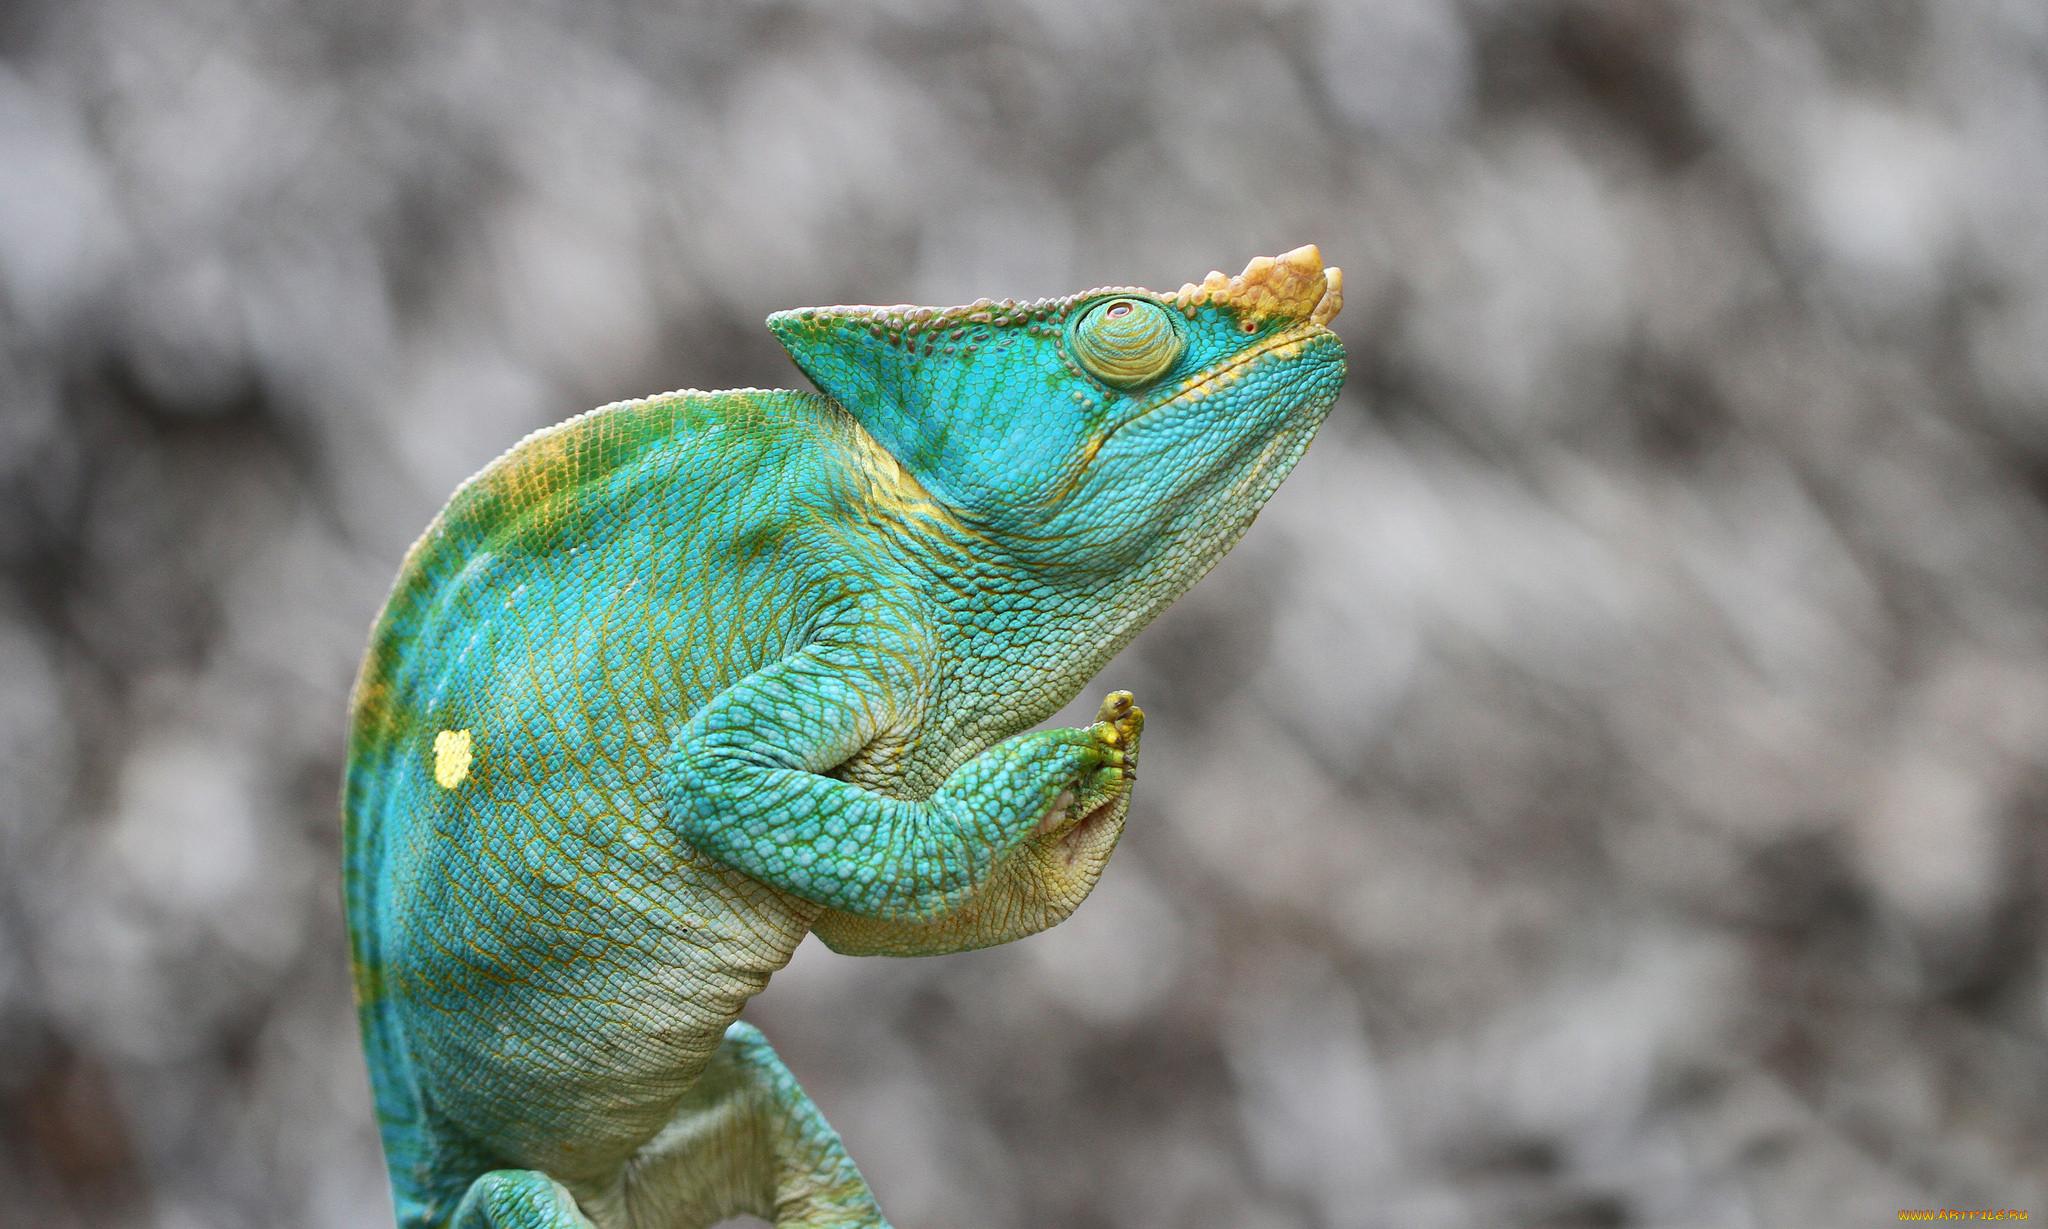 картинки хамелеона животное большой спектр навесного